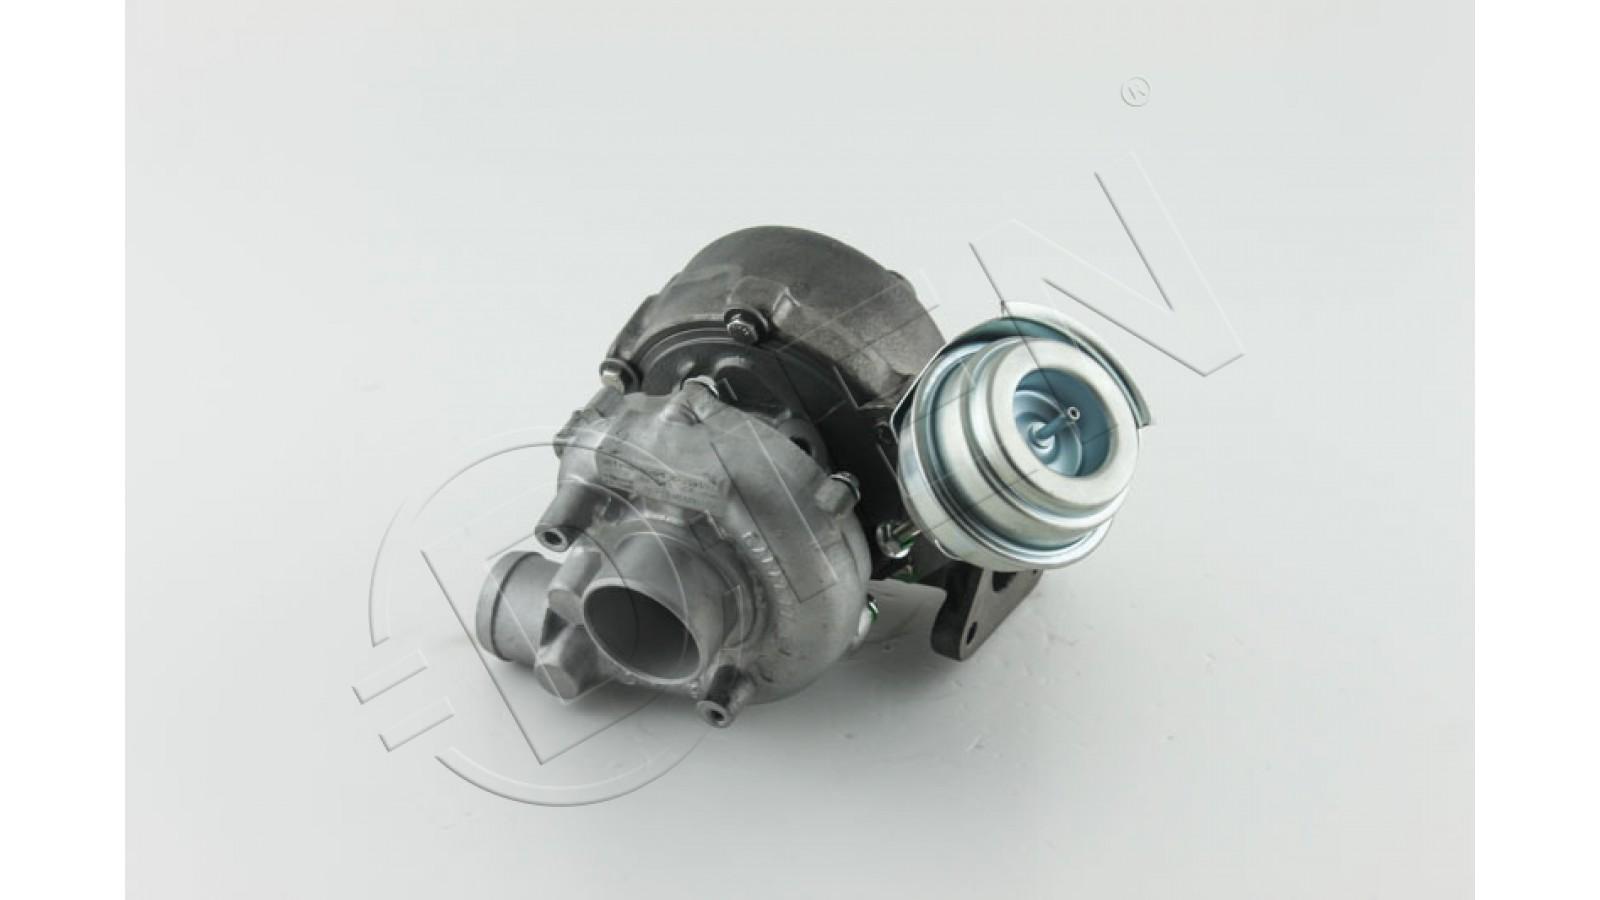 Turbocompressore  VOLKSWAGEN  SHARAN  1.9 TDI  110Cv  1896ccm  set 1996 - apr 2000